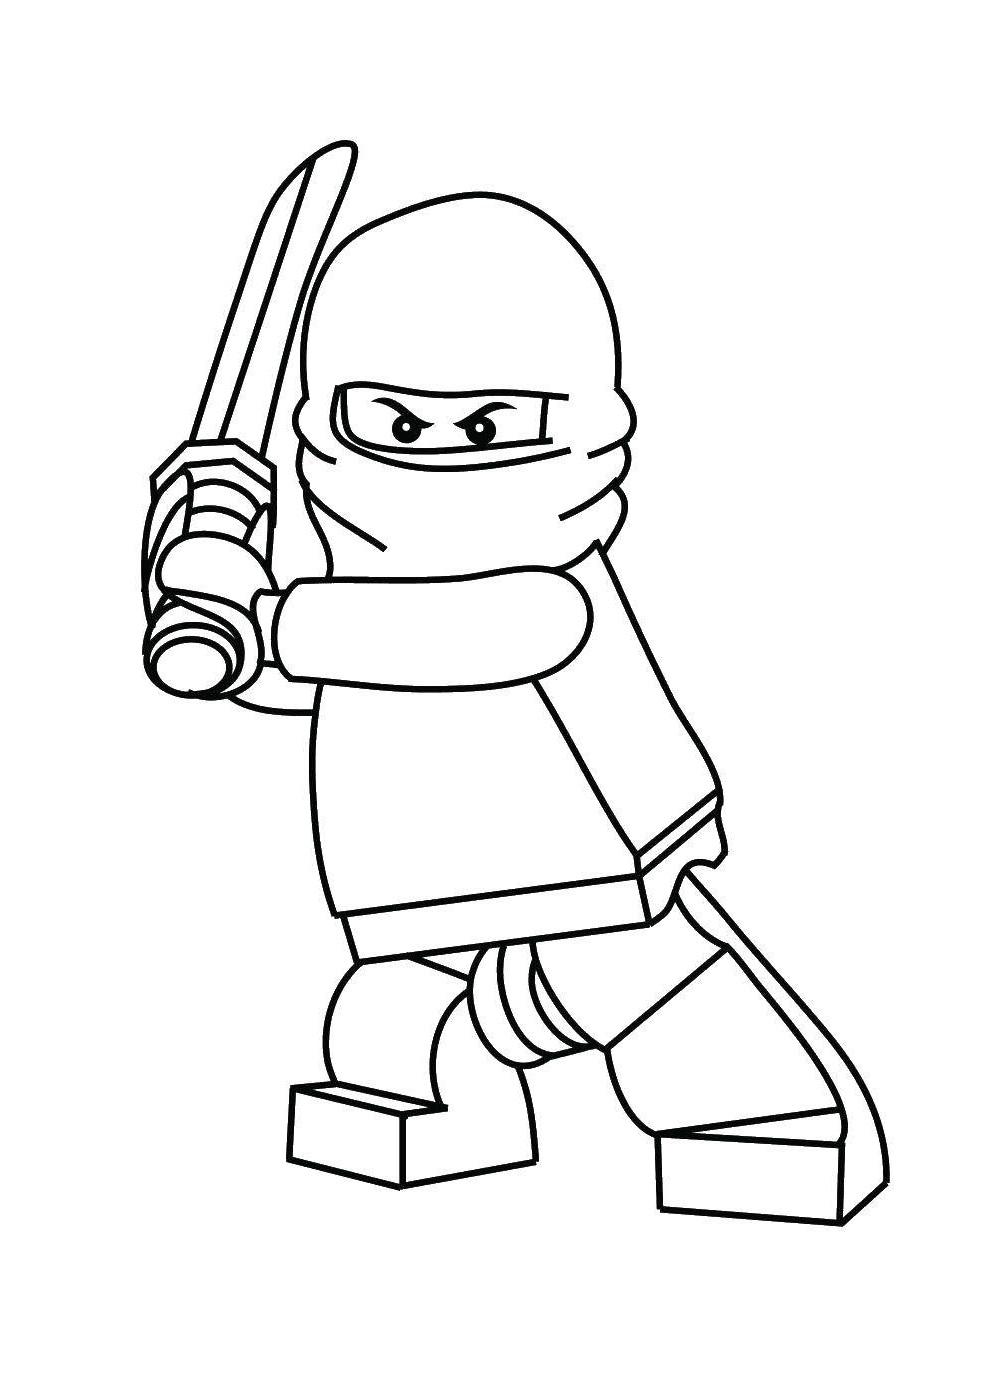 Раскраска Ниндзя с мечом Скачать Ниндзя, конструктор, Лего.  Распечатать ,ниндзя,